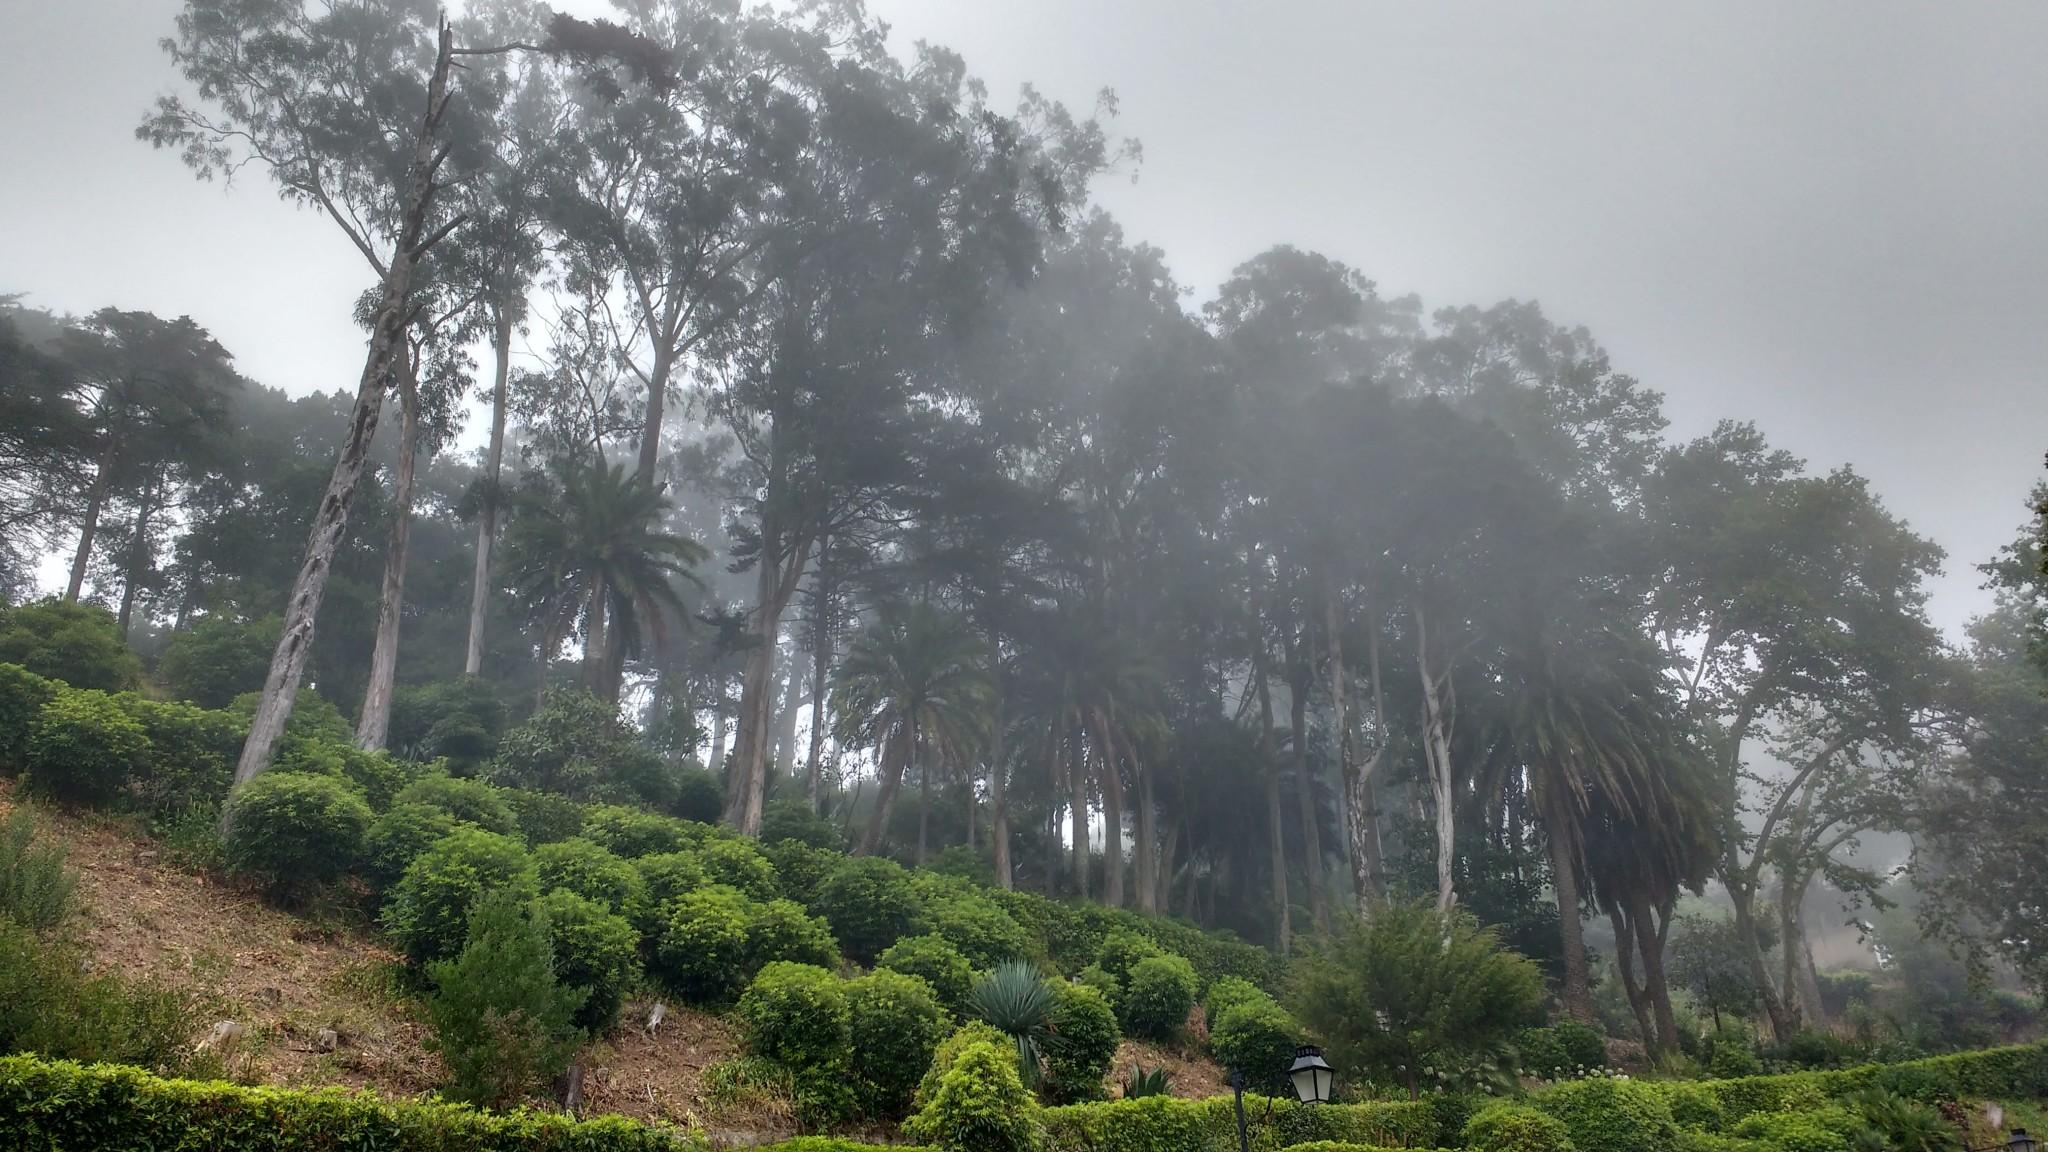 Le brouillard épais et humide donnait l'impression de se trouver quelque part en Amérique du Sud.